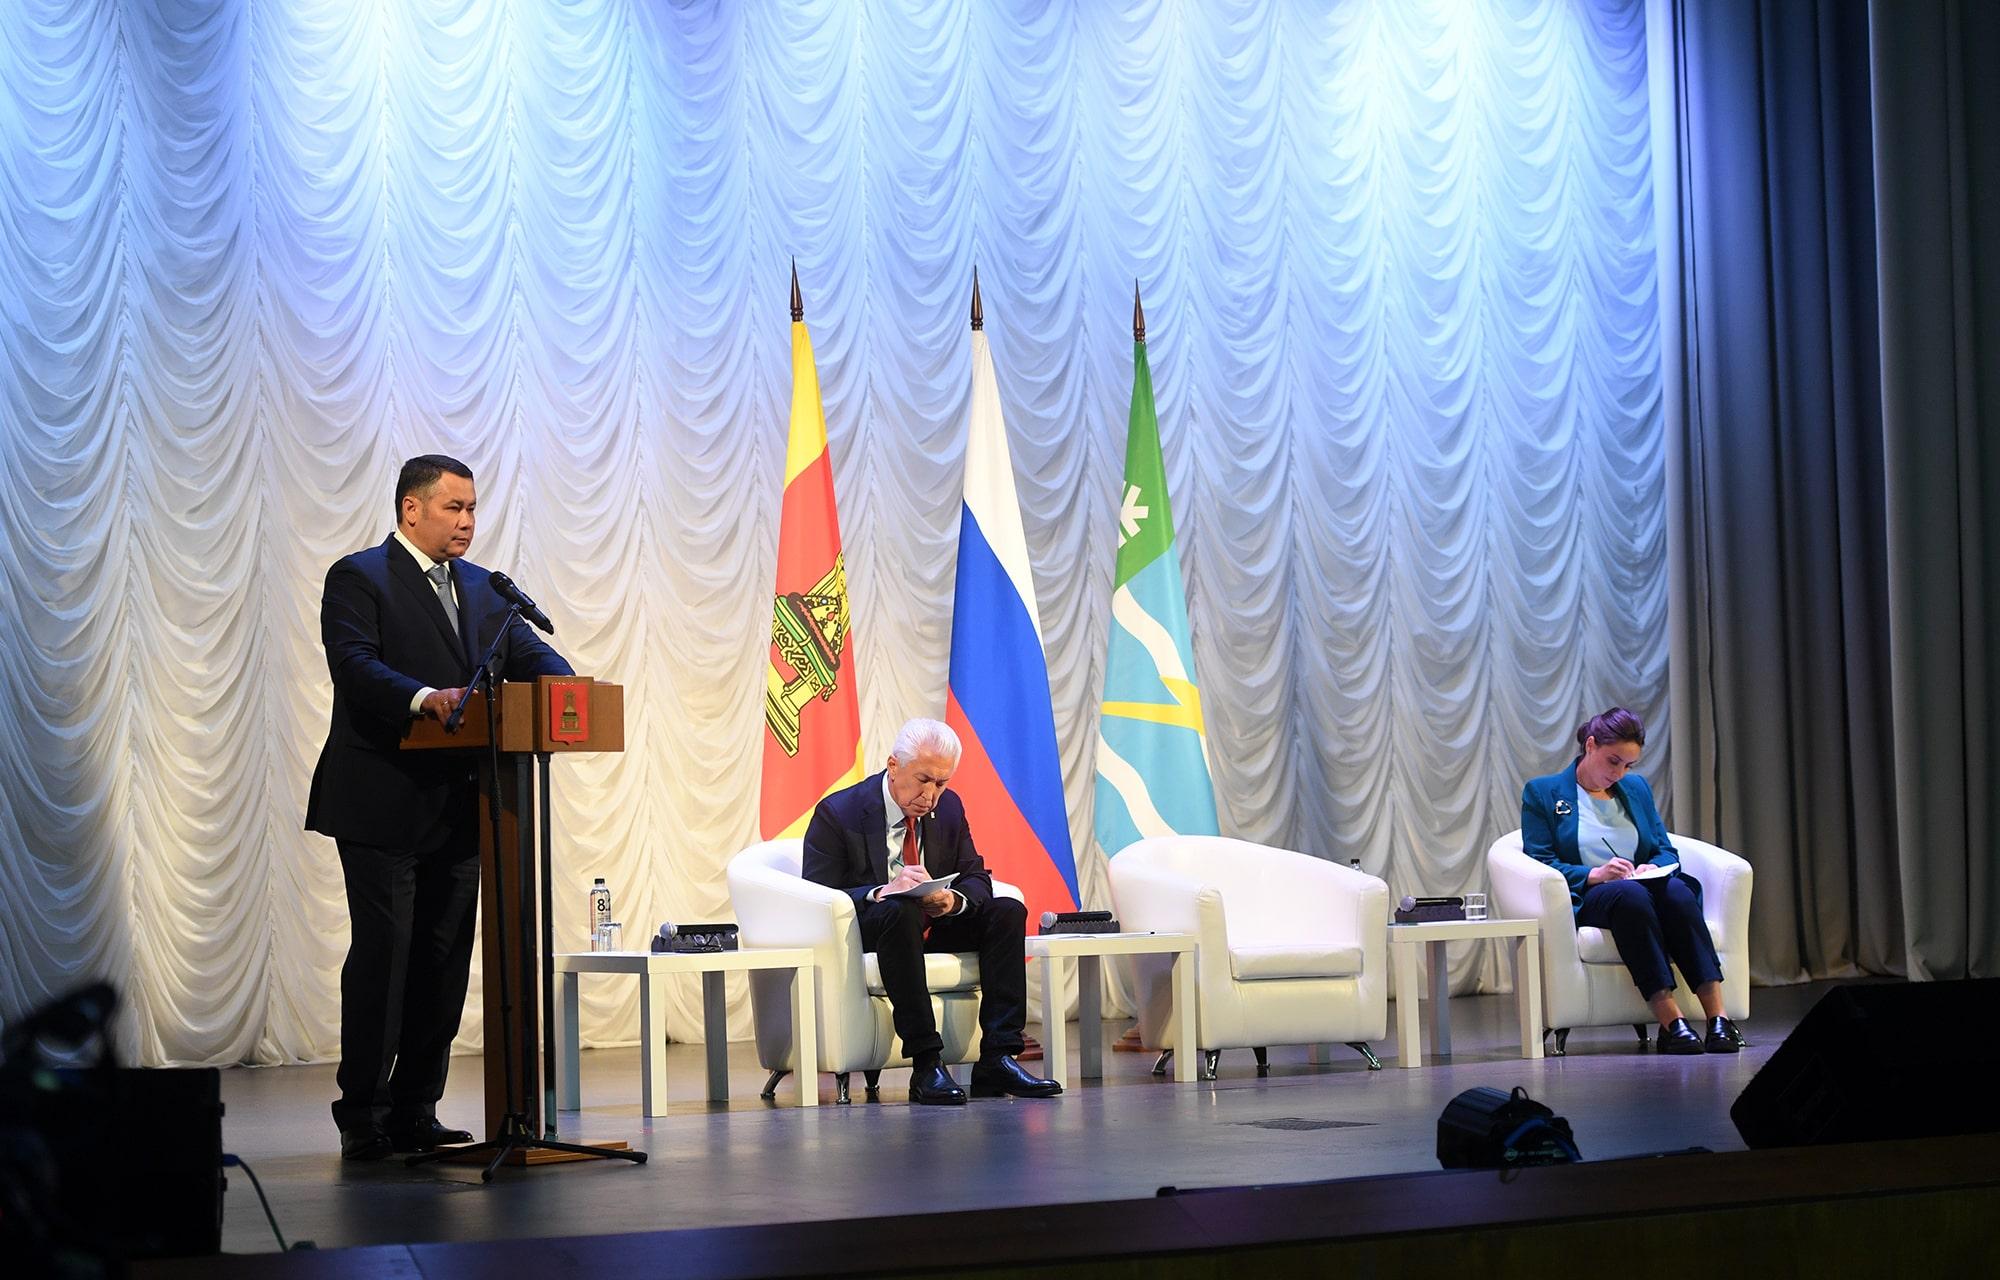 Игорь Руденя: Принято решение газифицировать всю территорию Конаковского района